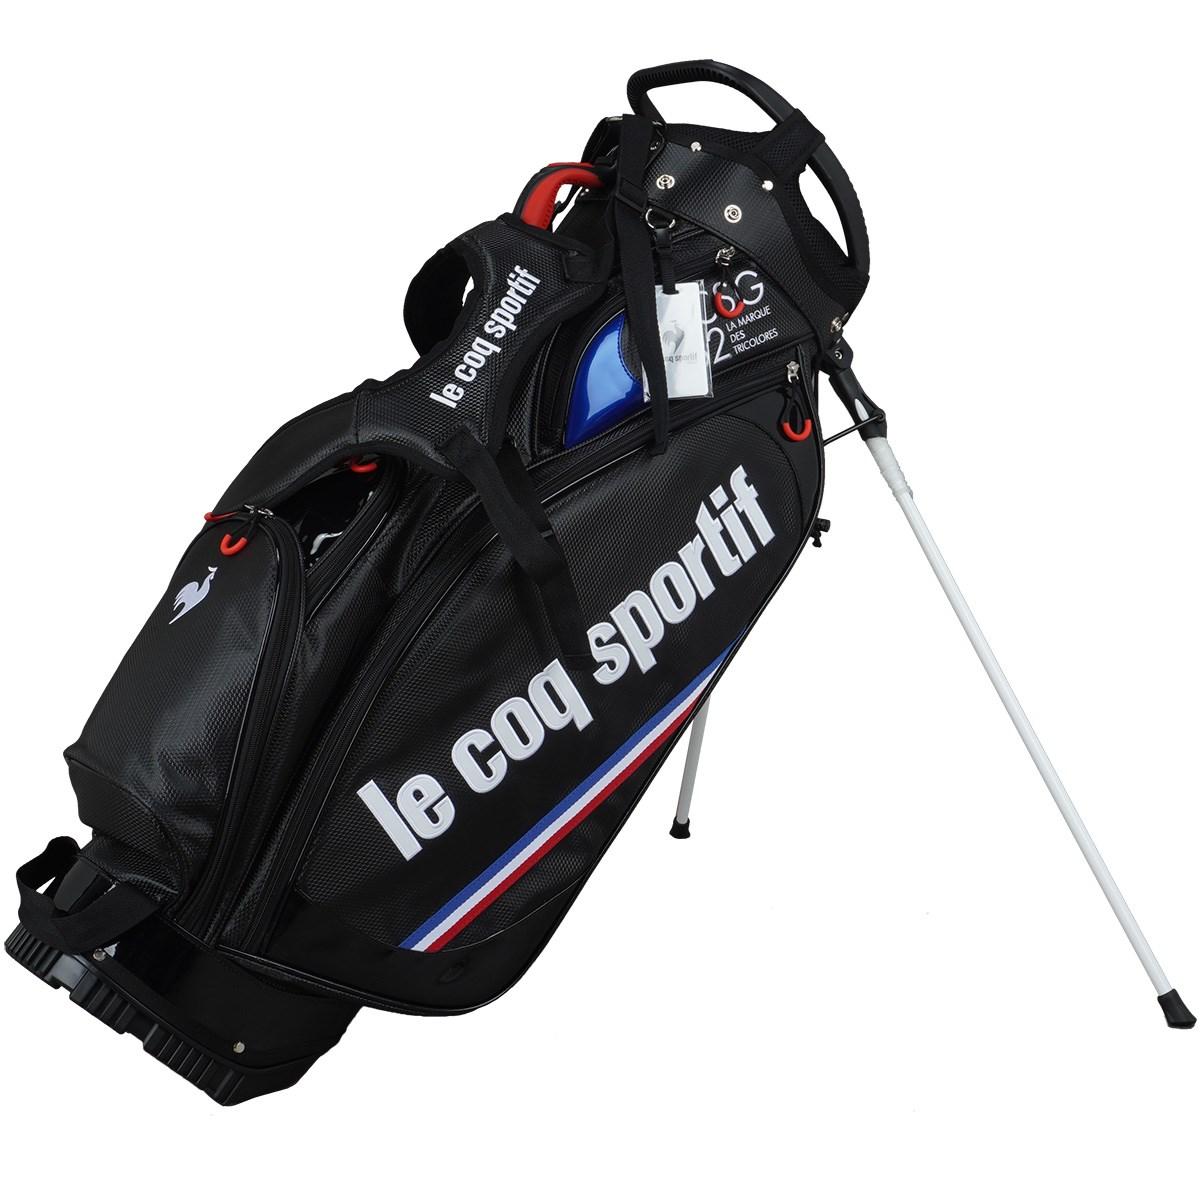 ルコックゴルフ Le coq sportif GOLF オンライン限定 スタンドキャディバッグ ブラック 00